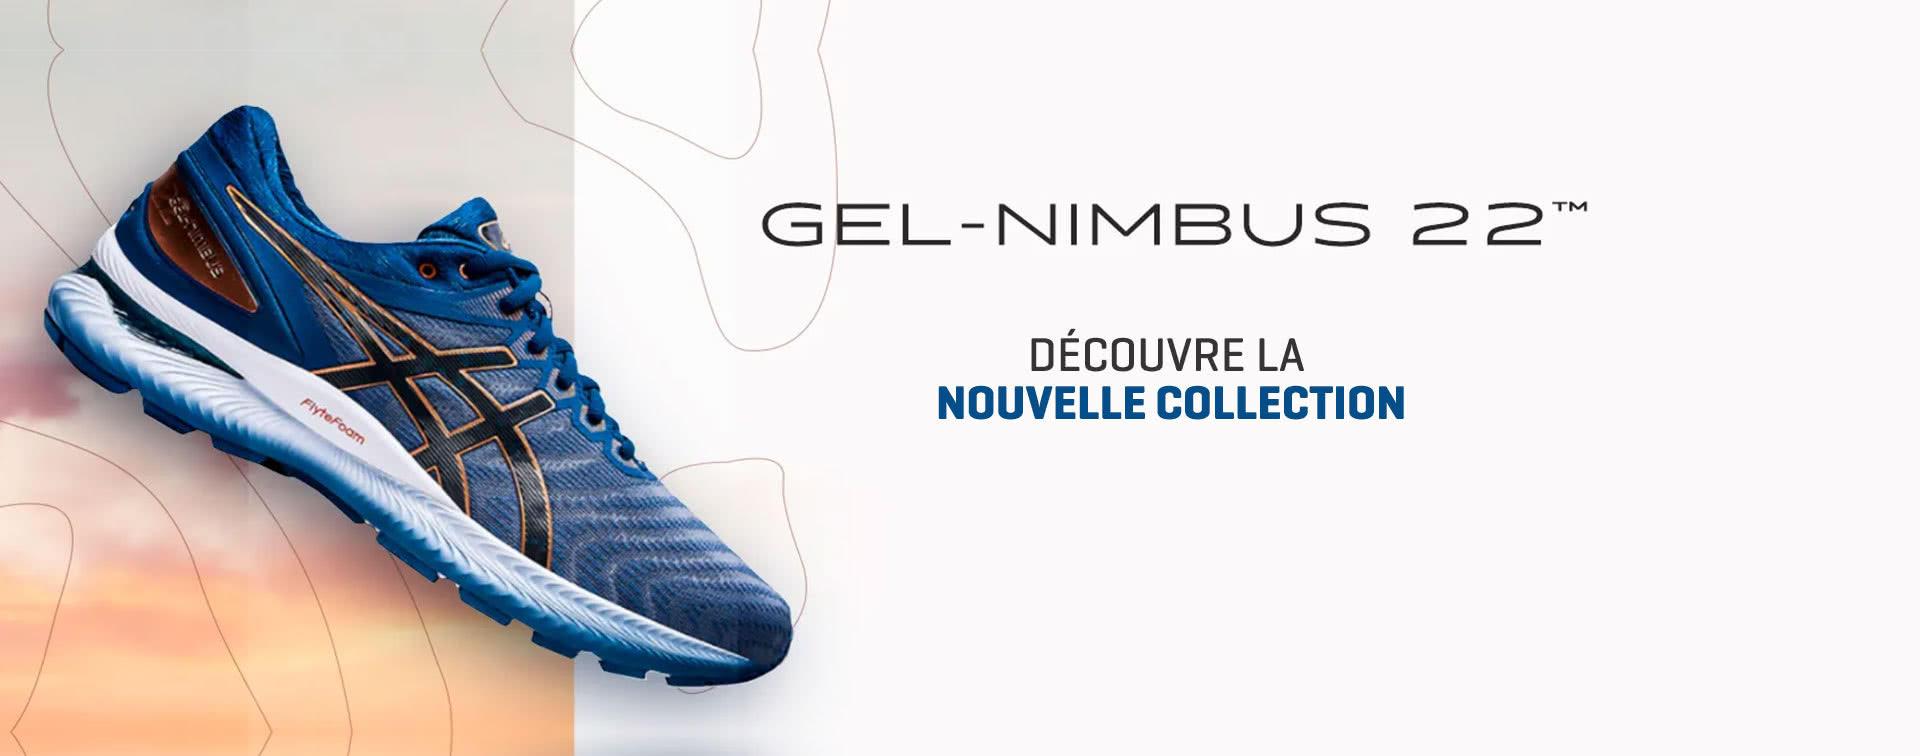 Les nouvelles Gel-Nimbus 22